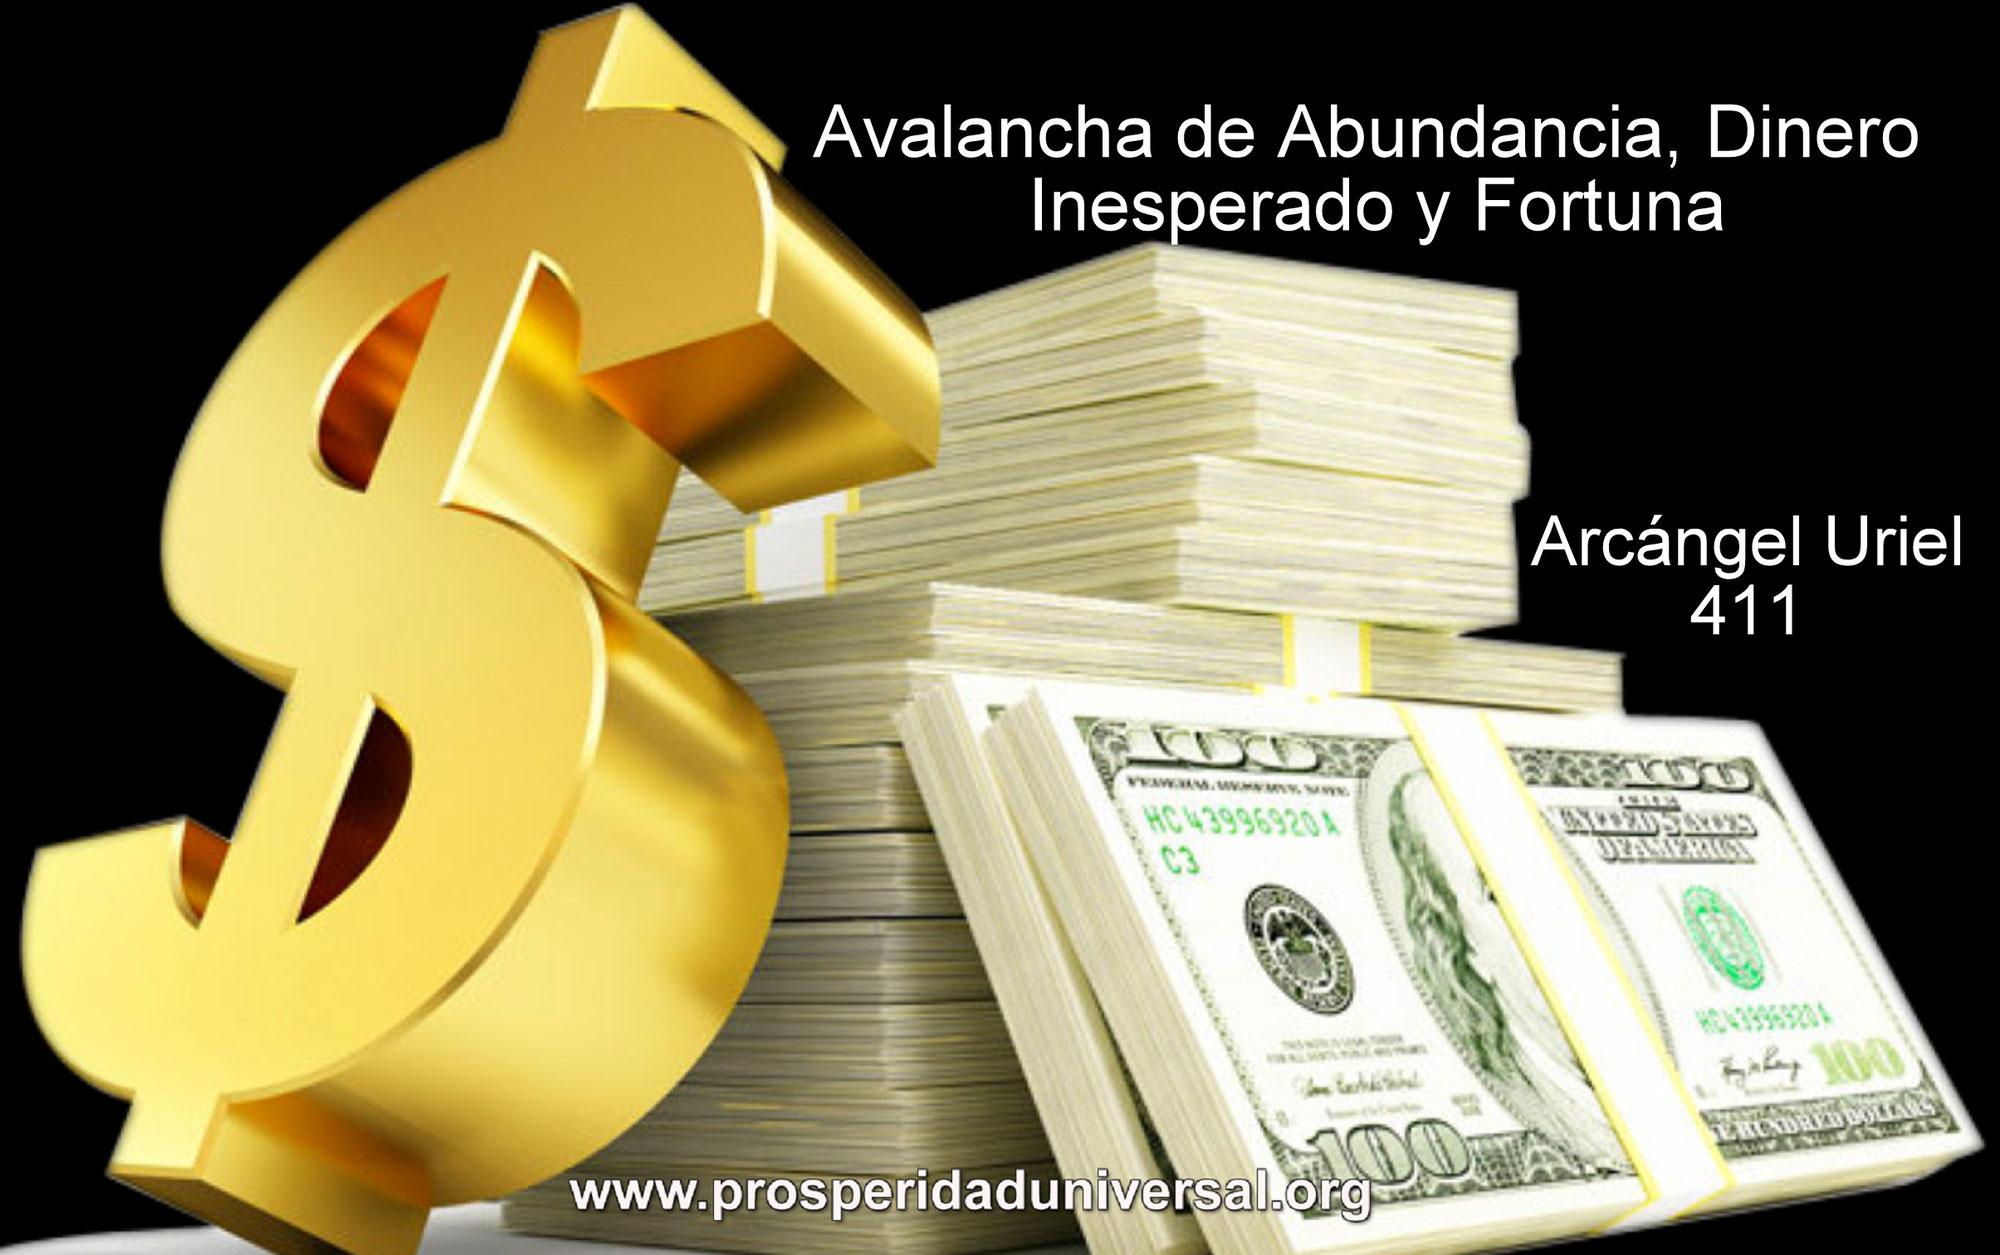 AVALANCHA DE ABUNDANCIA, DINERO INESPERADO Y FORTUNA